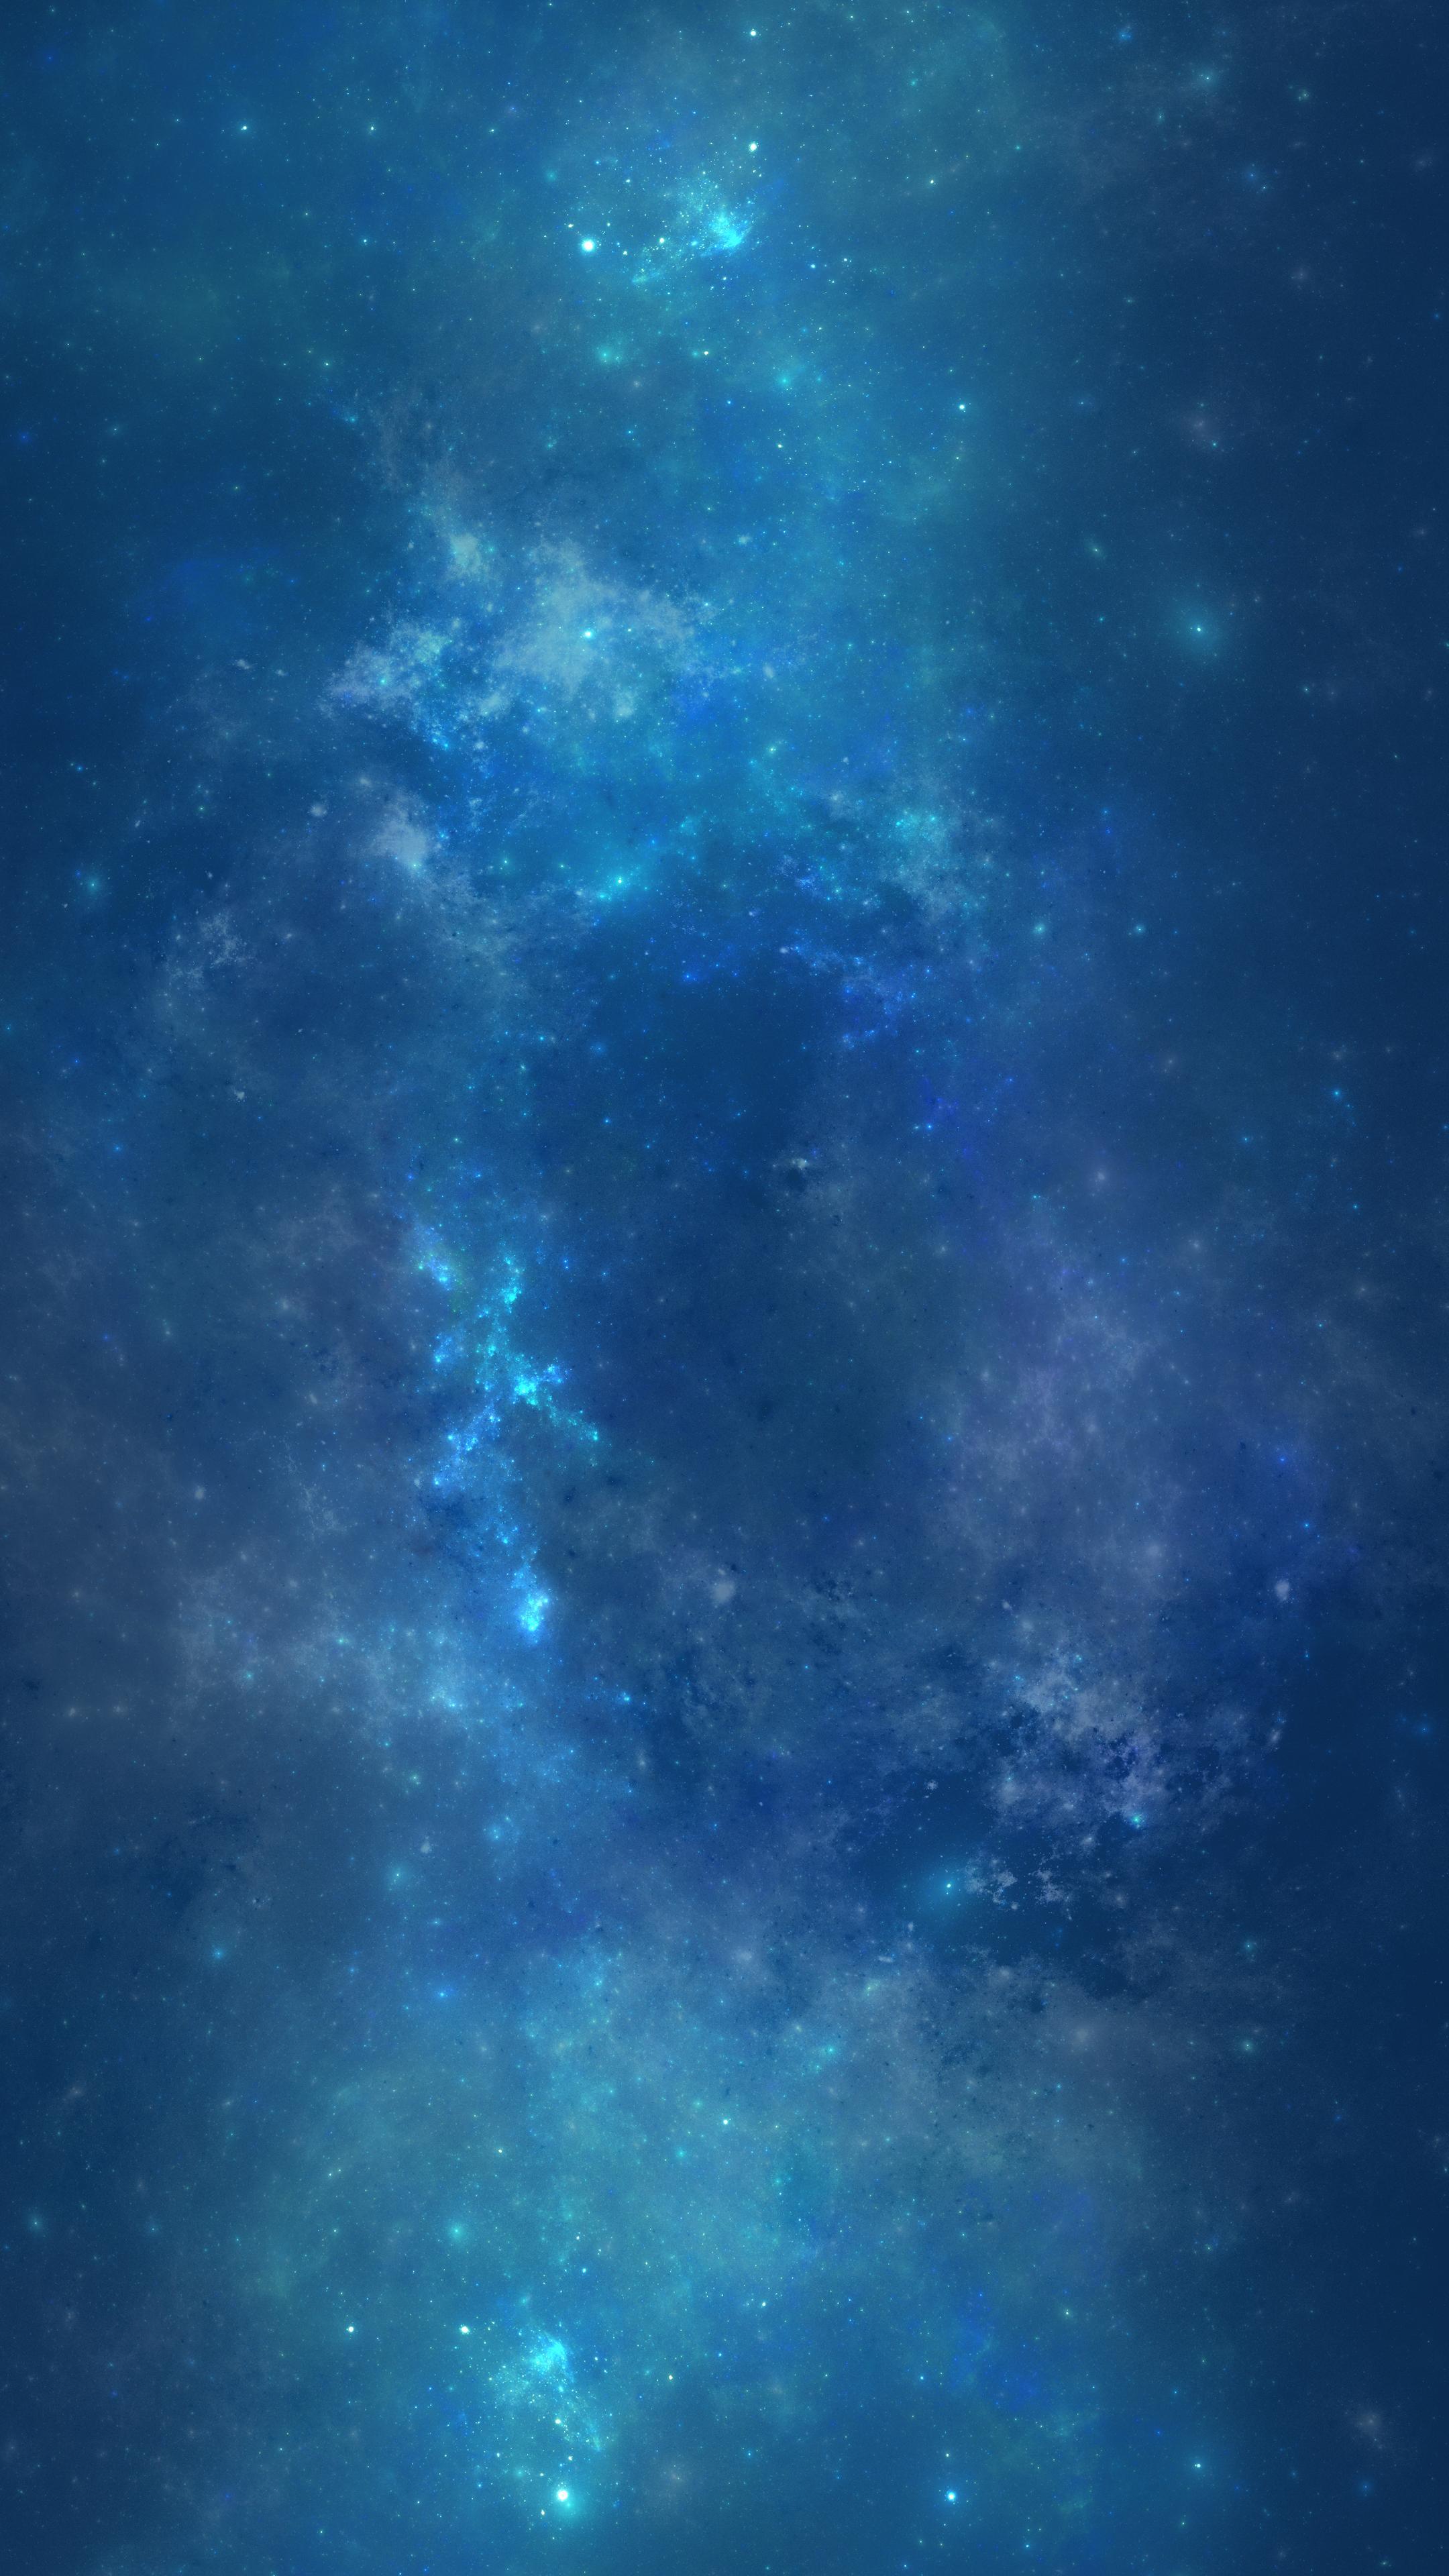 Wallpplus | Fondos de pantalla - Naturaleza en HD